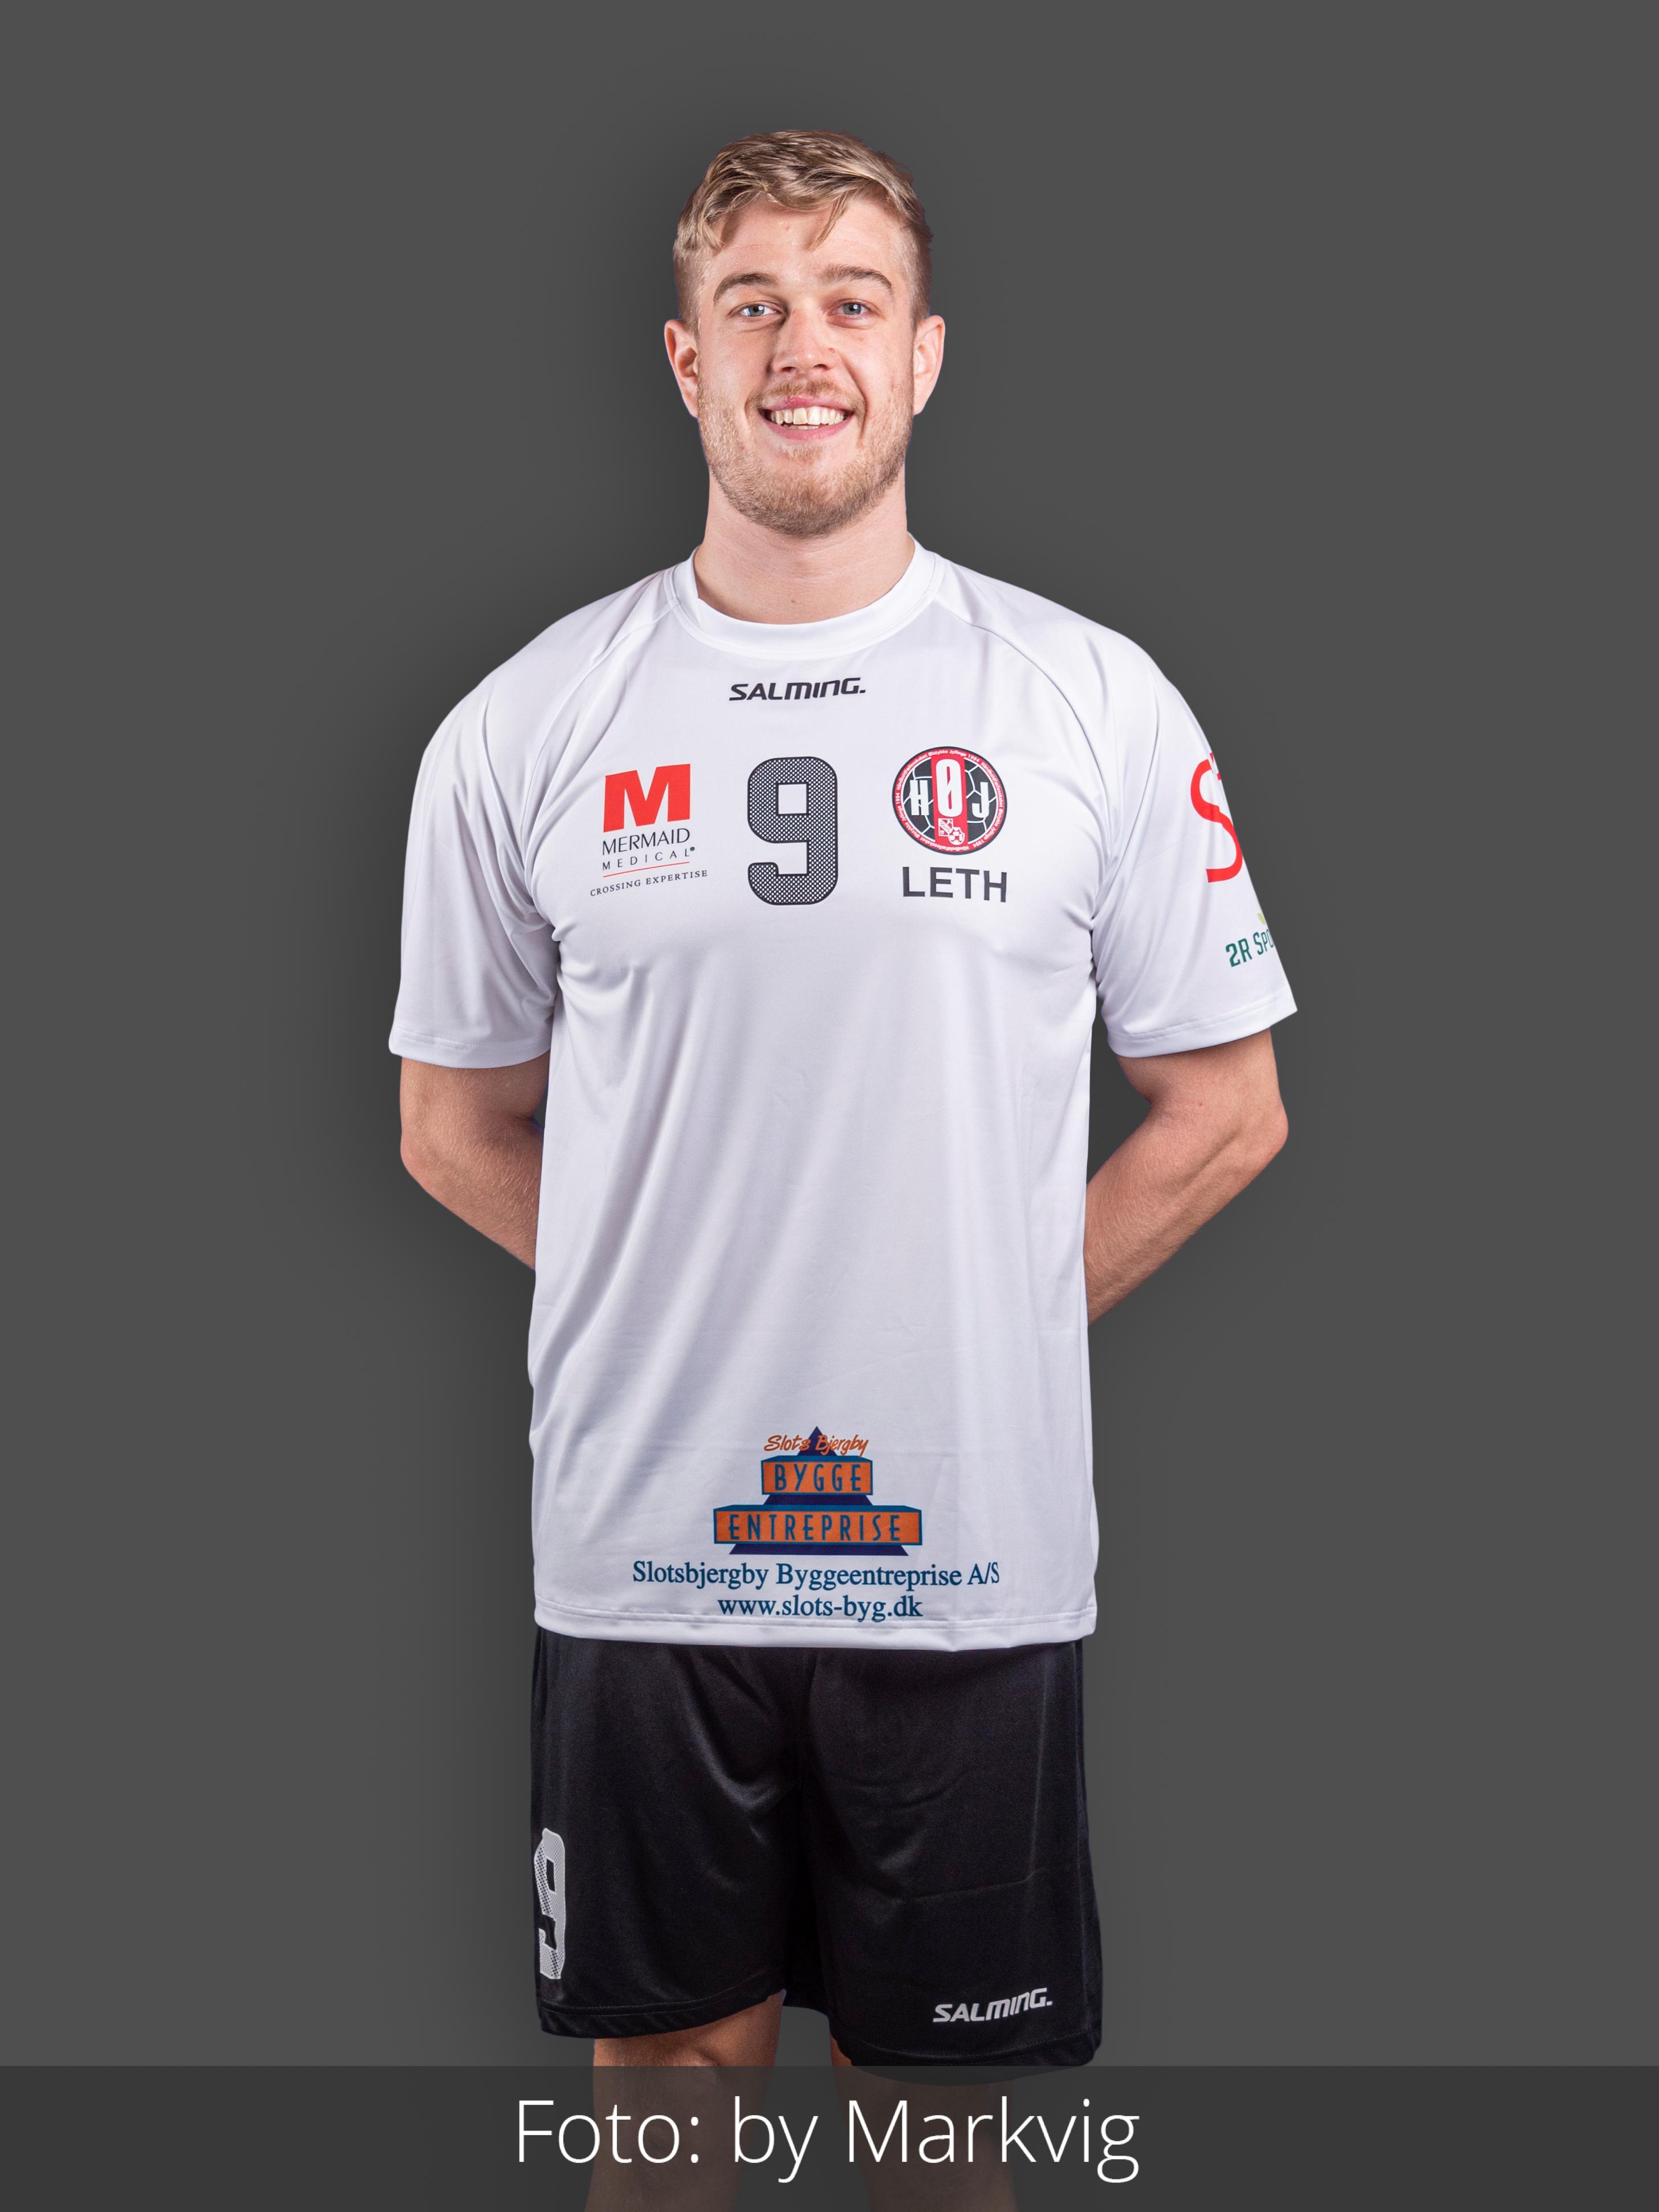 Mikkel Leth